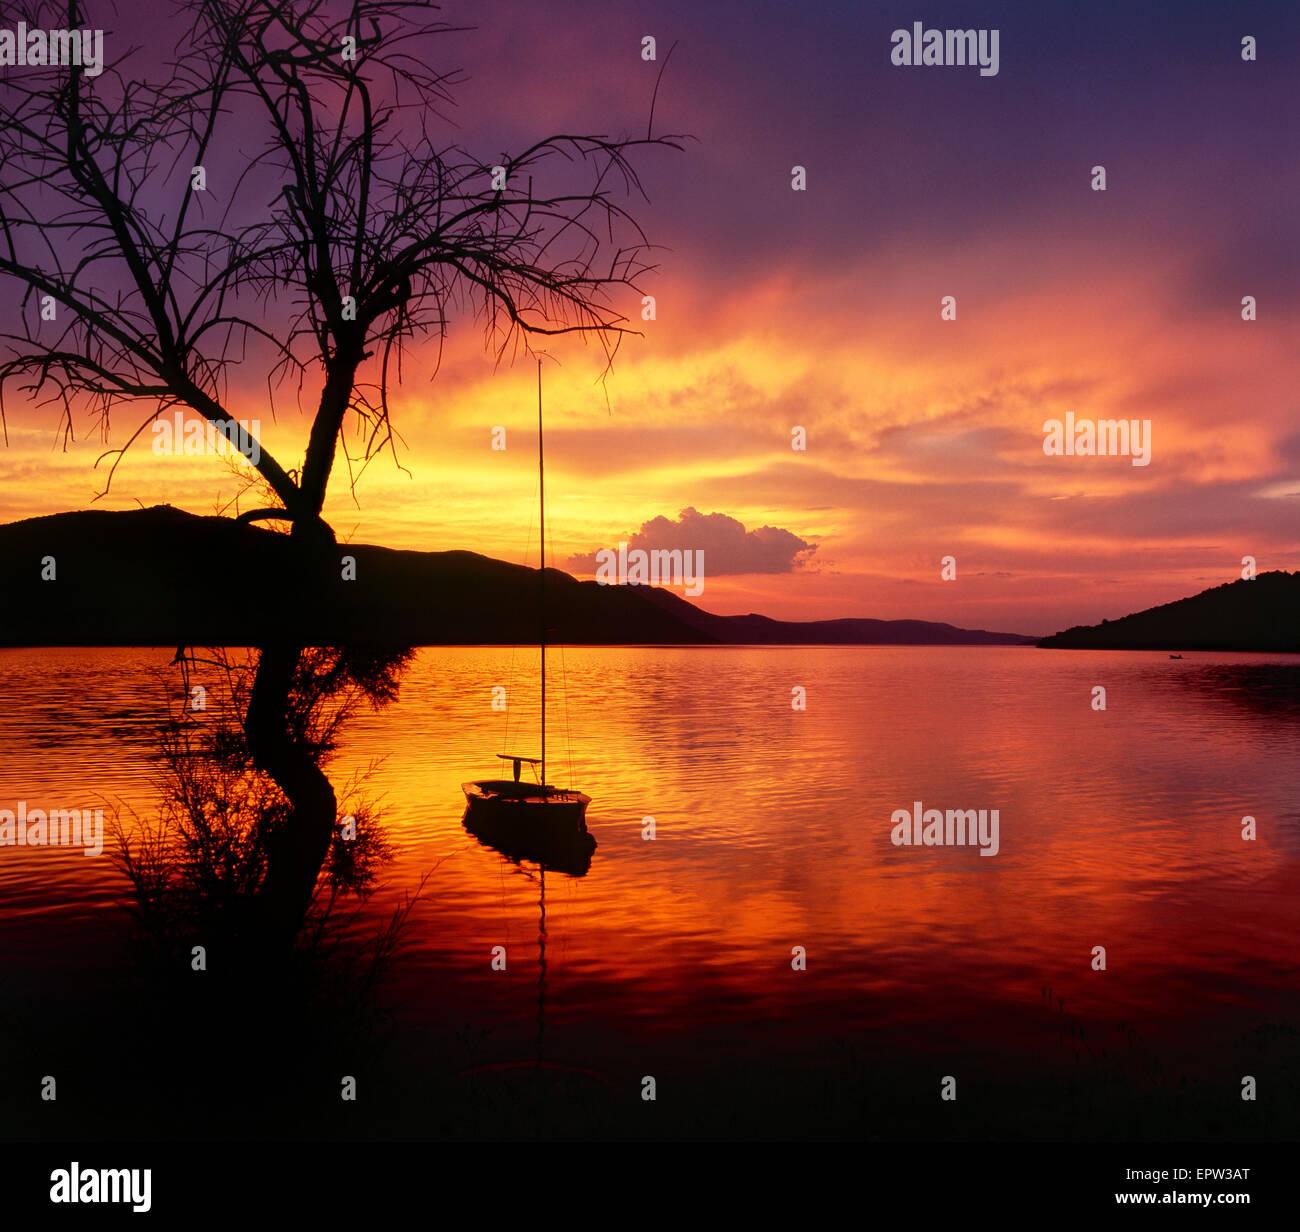 Paesaggio al tramonto. Tre e barca a vela nel tramonto al mare. Immagini Stock